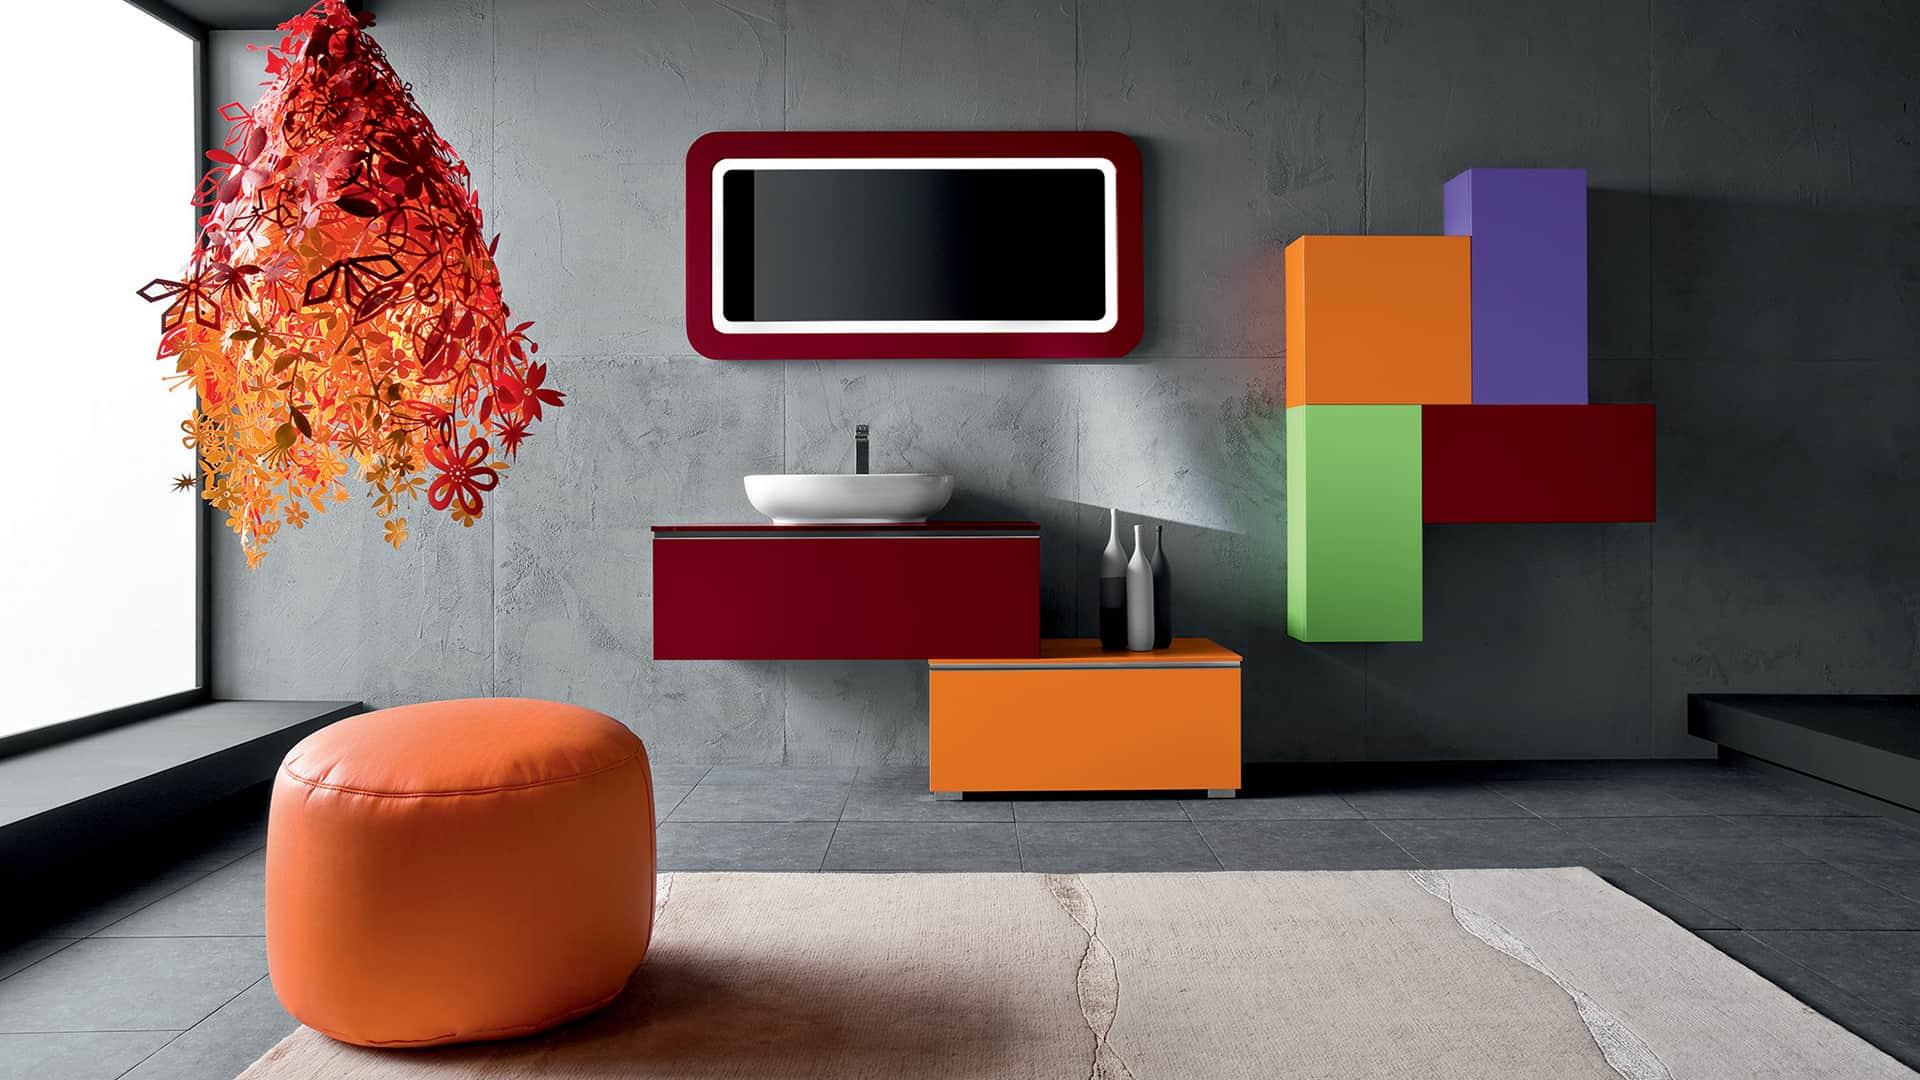 negozio di arredo bagno e mobili da bagno a padova - Arredo Bagno Padova